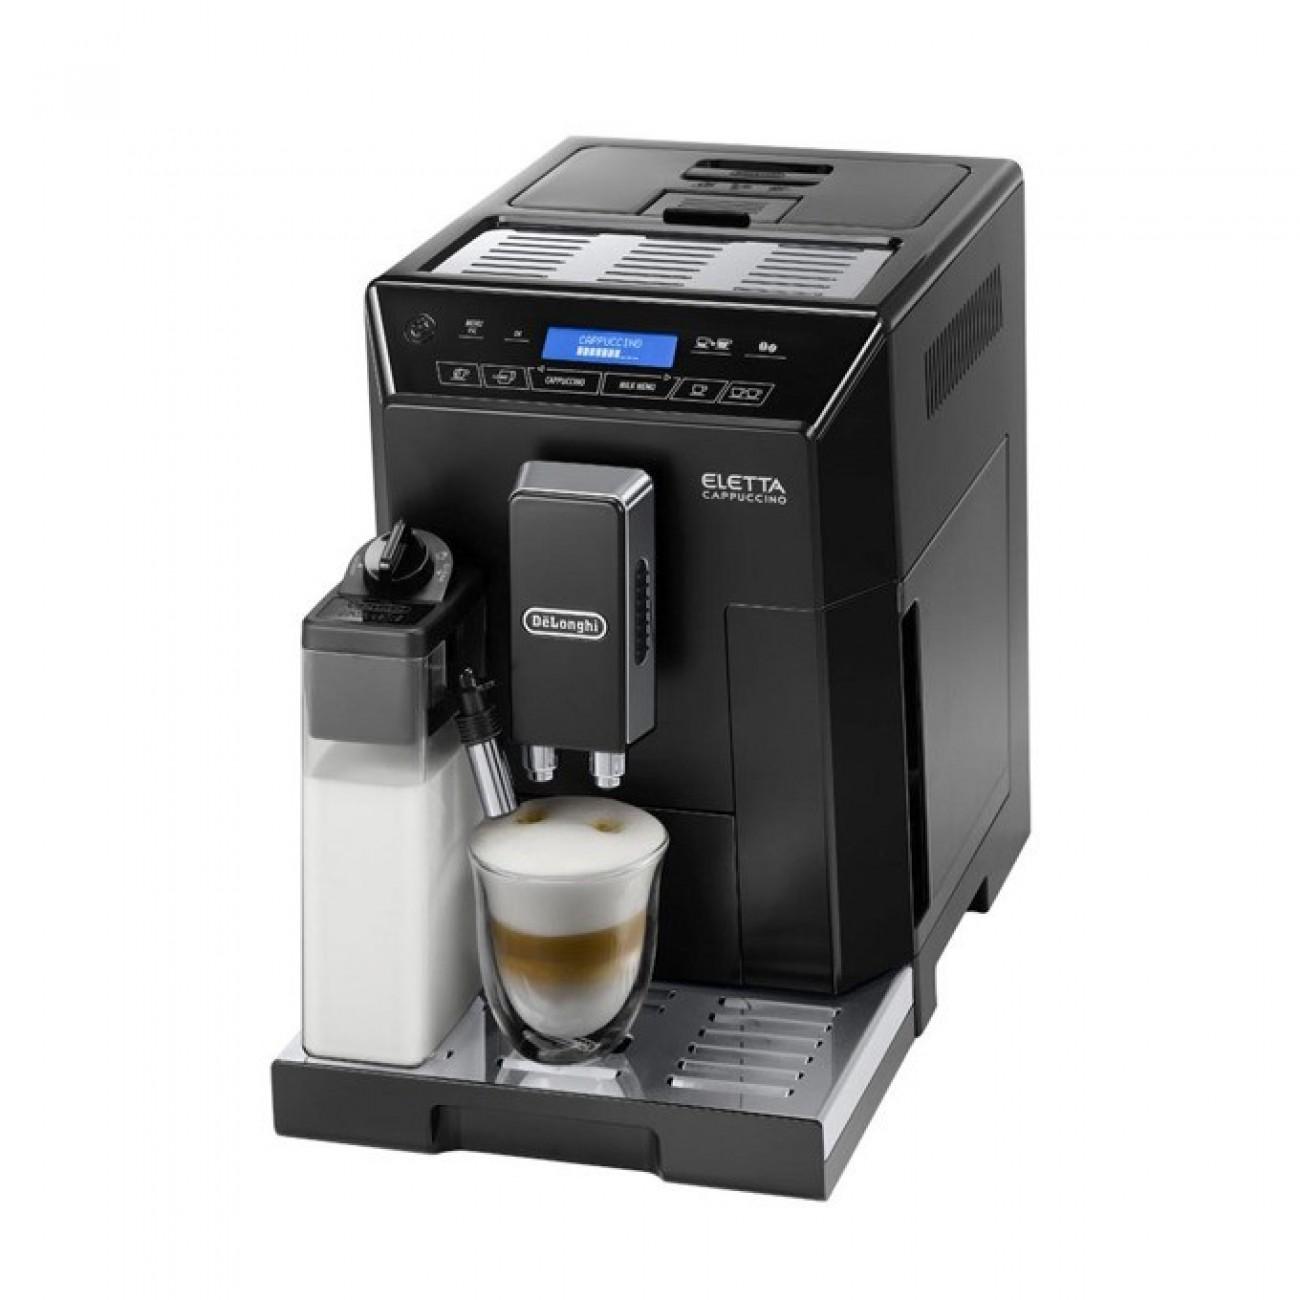 Автоматична еспресо машина Delonghi ECAM ELLETA 44.660 B, 1450 W, 15 bar налягане, дисплей, автоматично почистване, черна в Кафемашини -  | Alleop